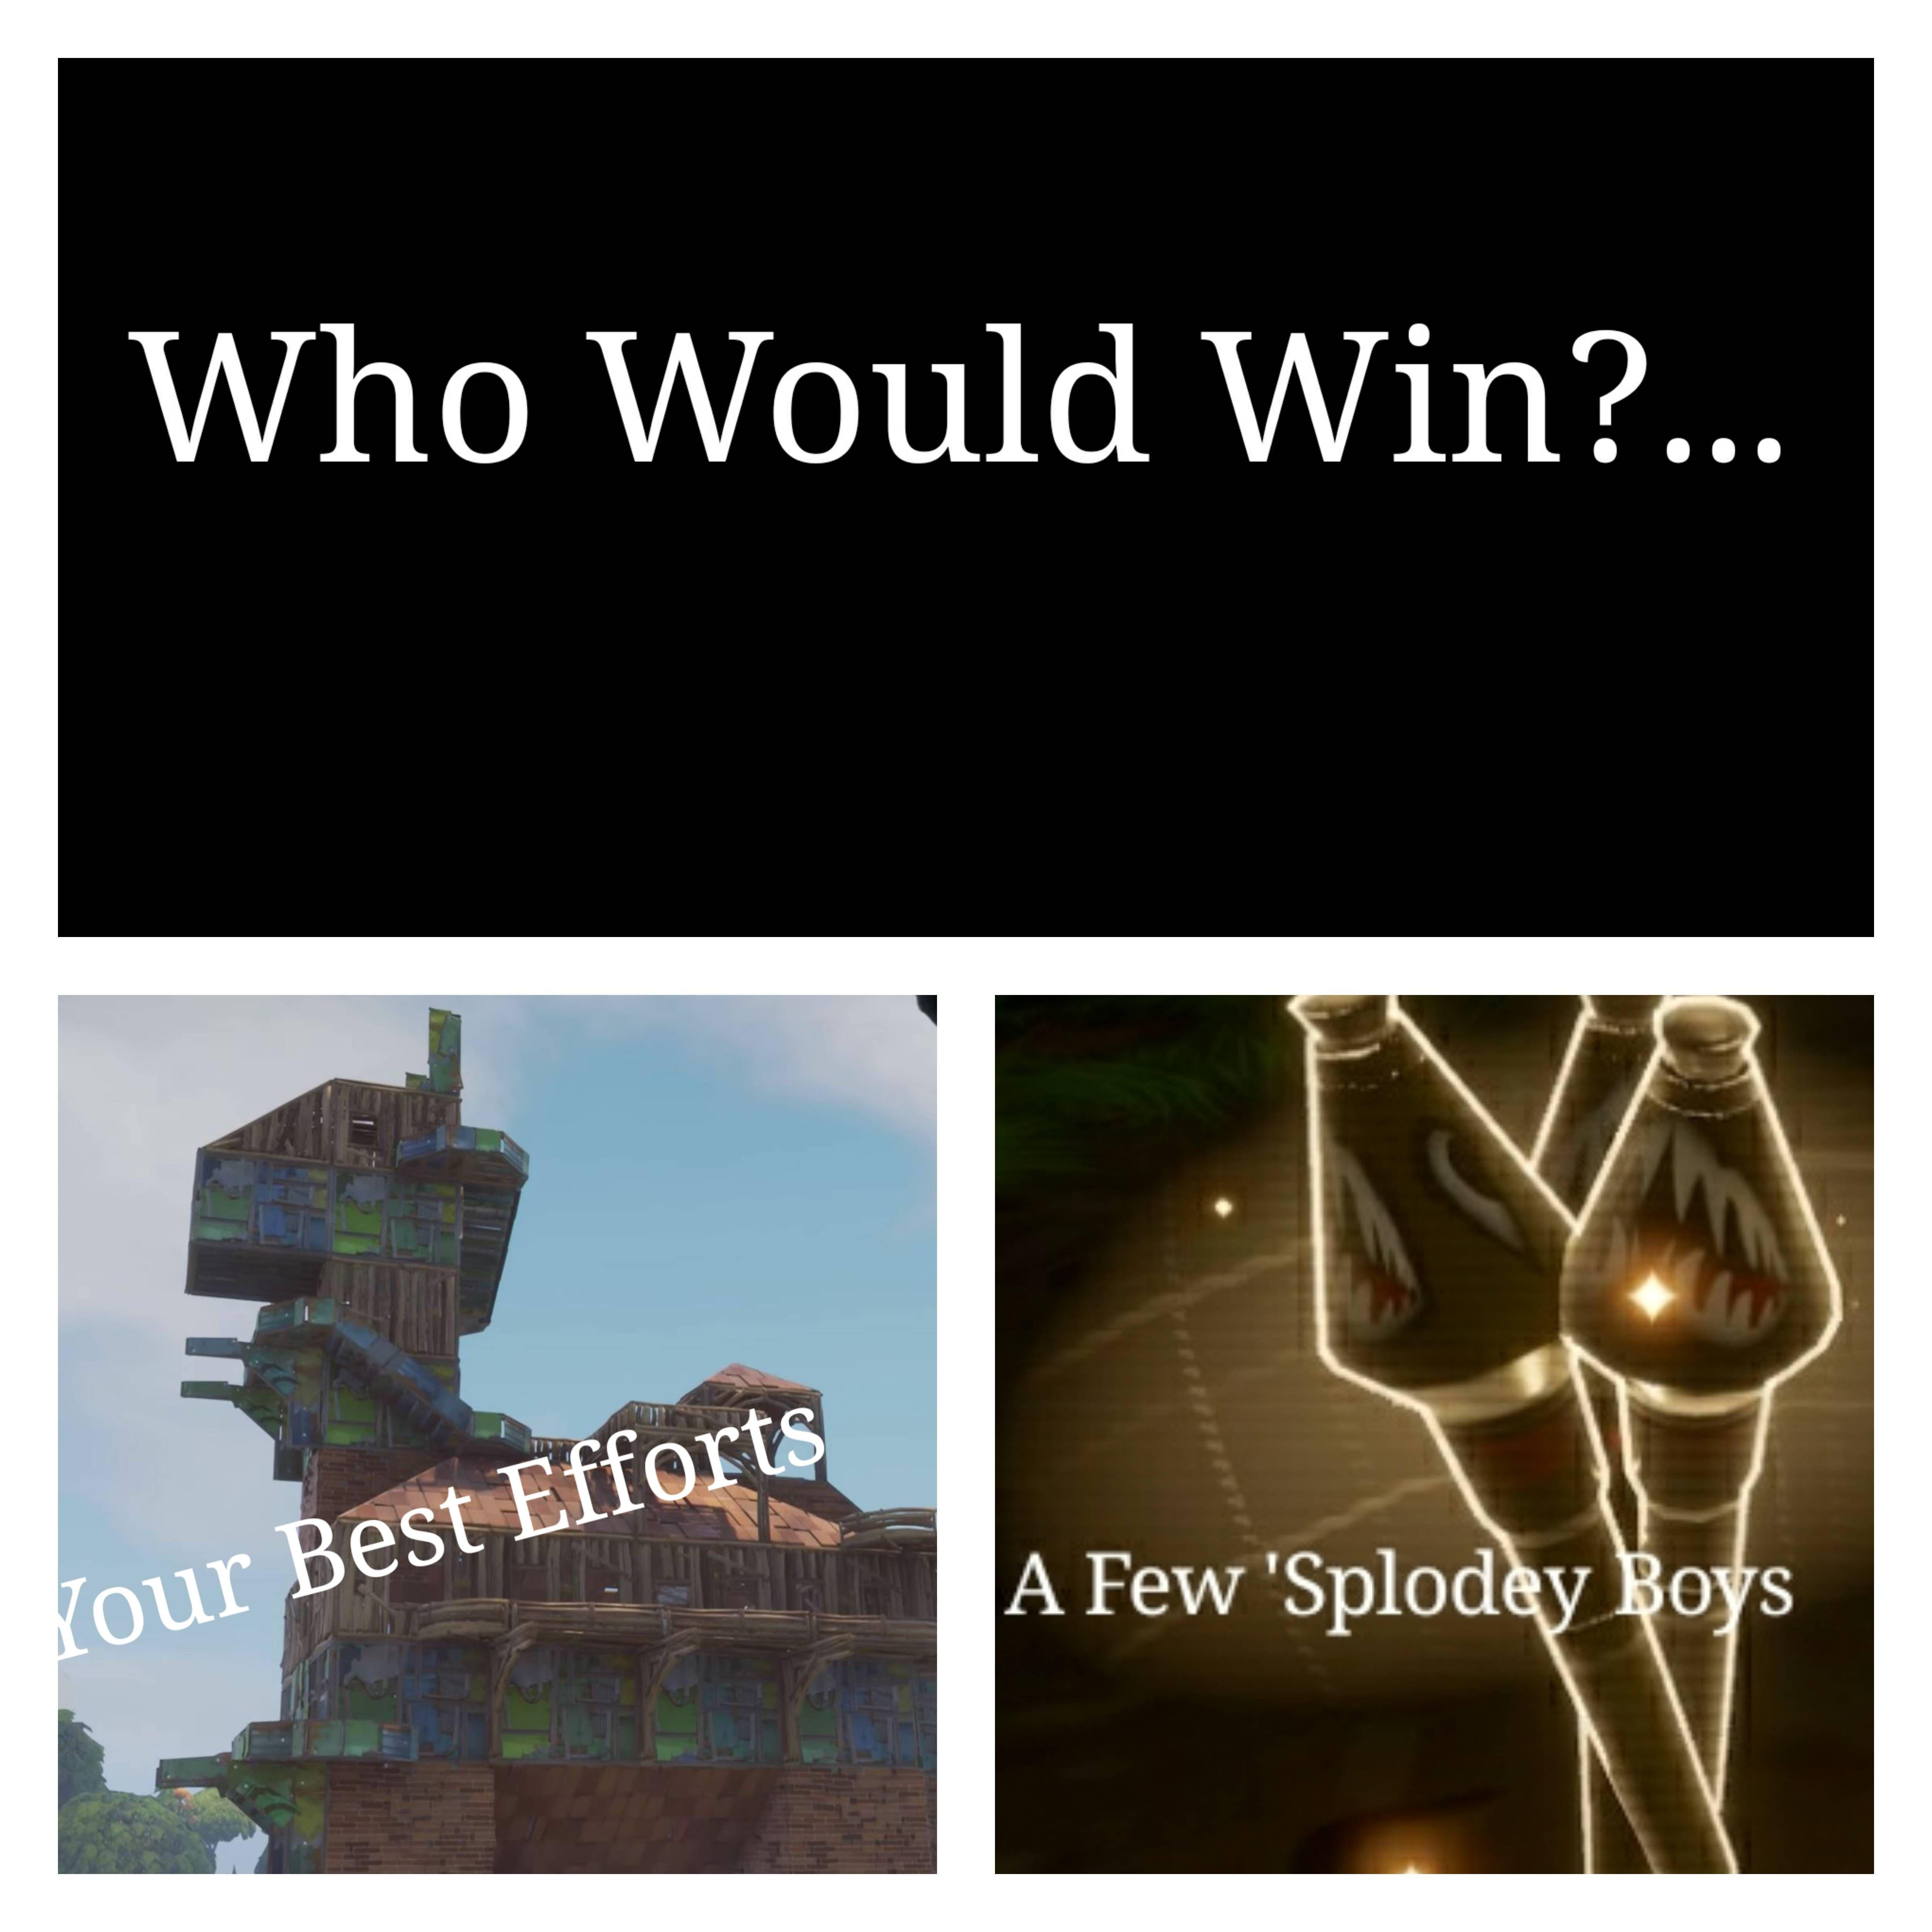 I Made A Crappy Meme